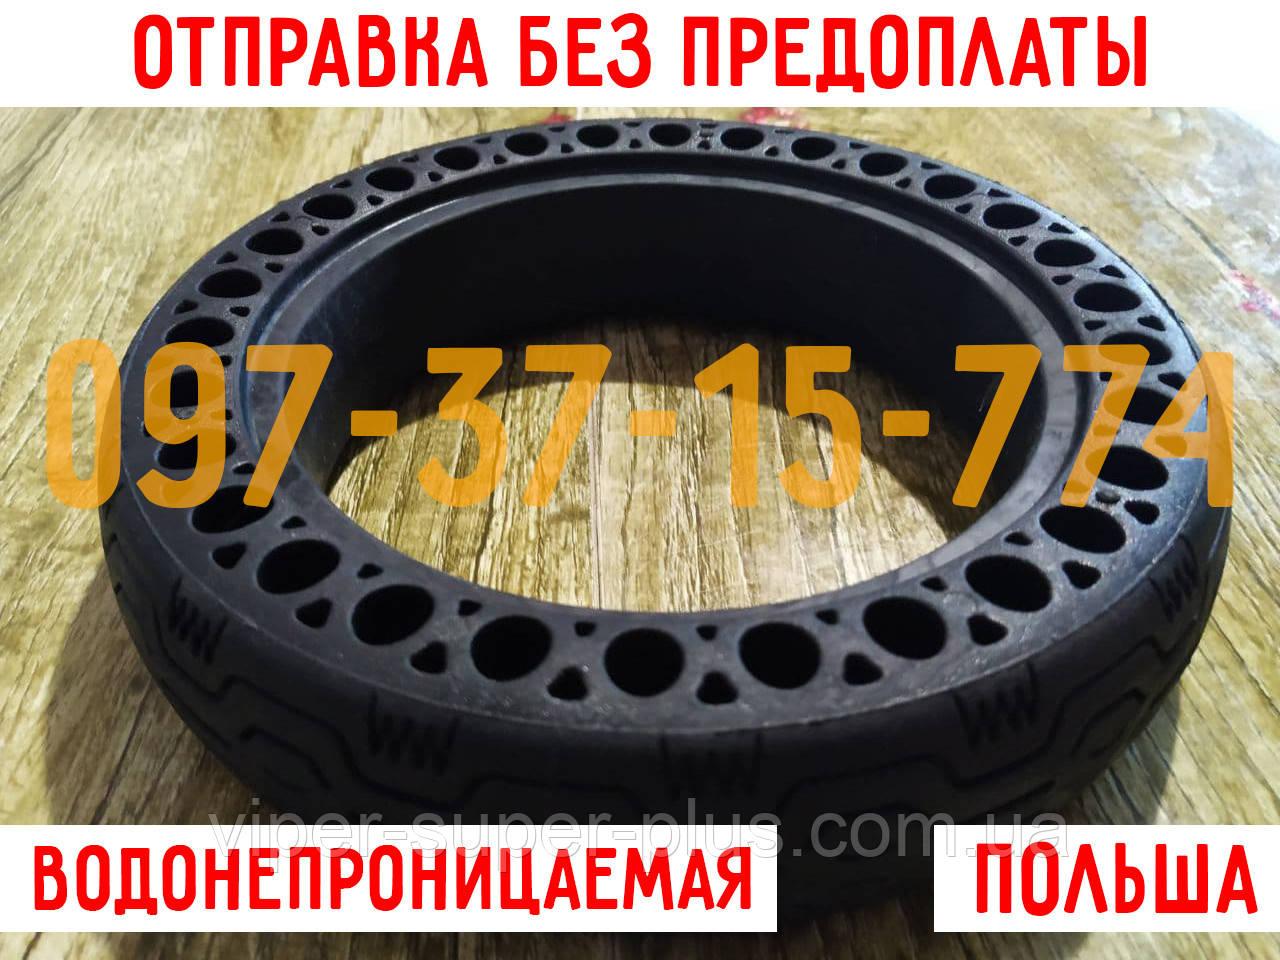 ✅ Черная бескамерная покрышка (шина) для электро-самоката XIAOMI 8.5' - Отличное сцепление с дорогой!